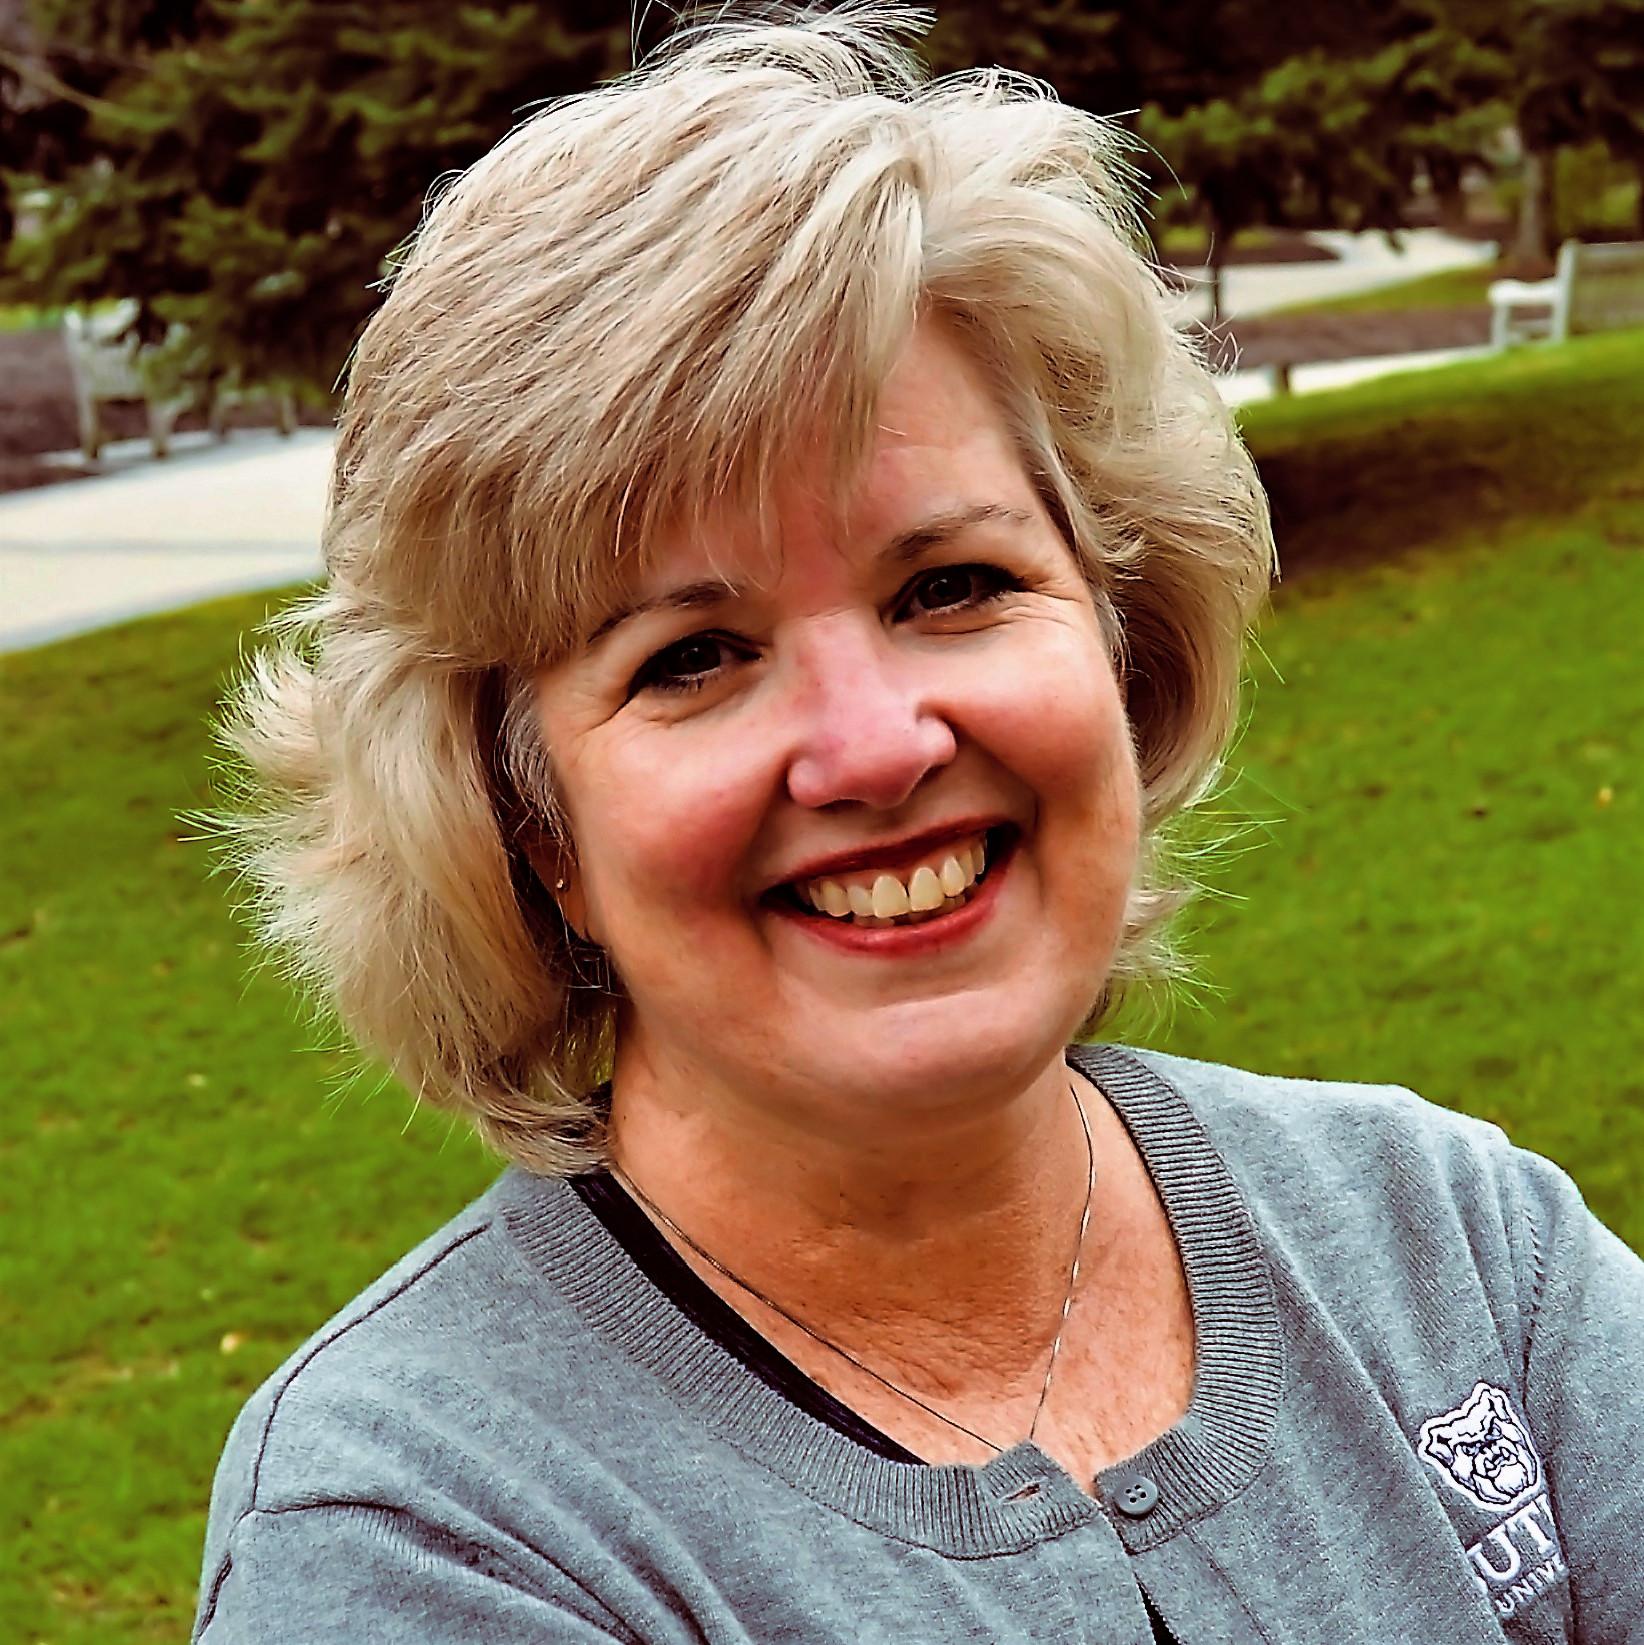 Angela Ockerman